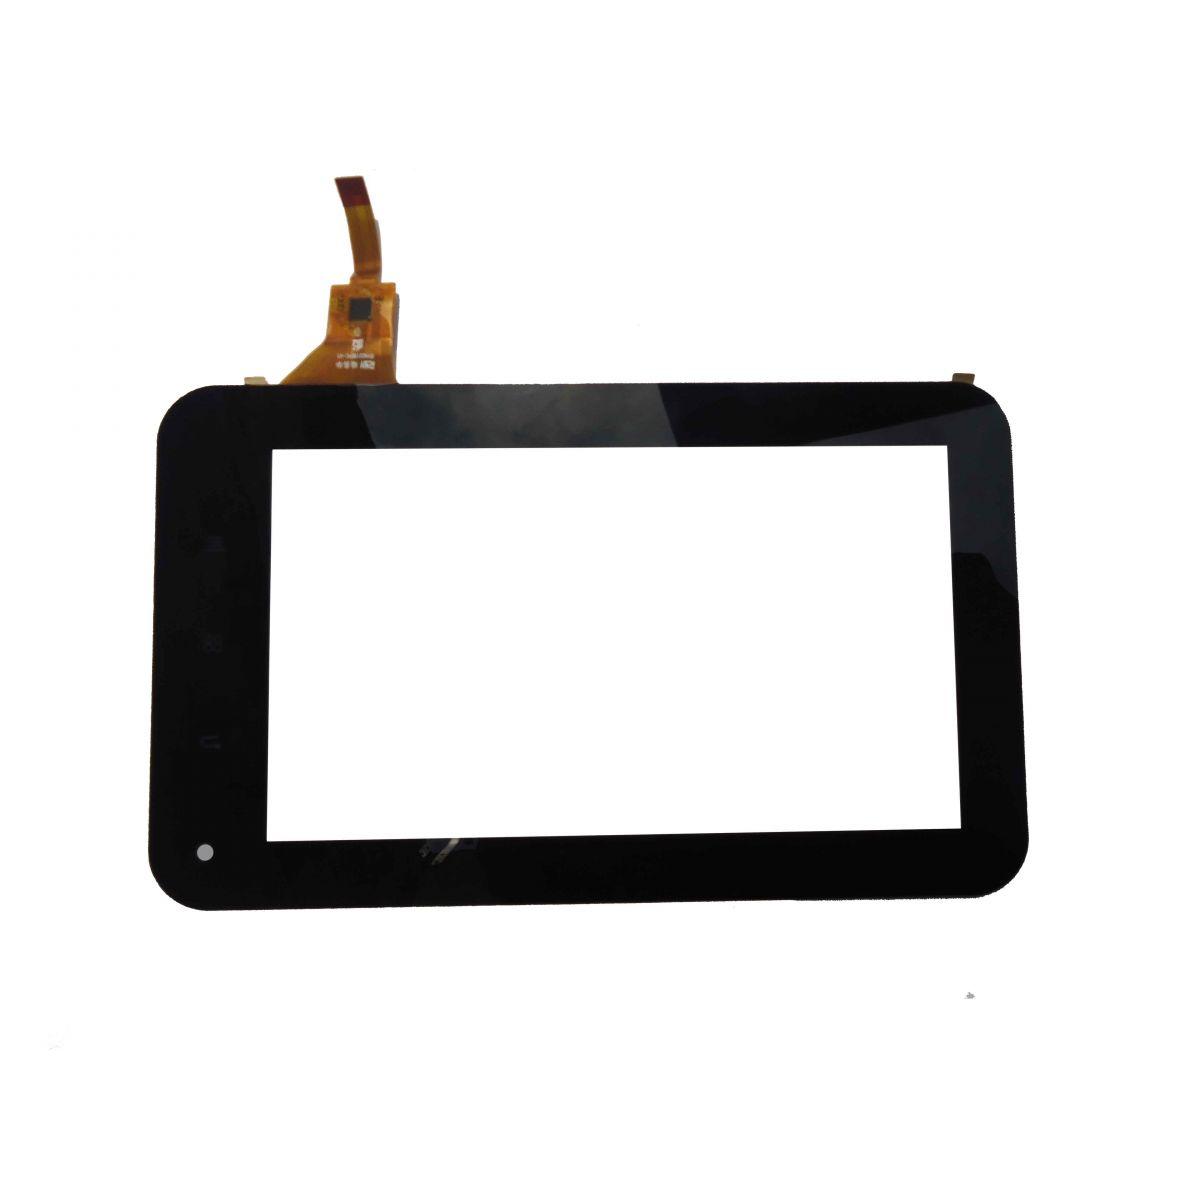 Tela Touch Tablet 7' Tpt-070-134 ryhc018fpc-v1  Preto